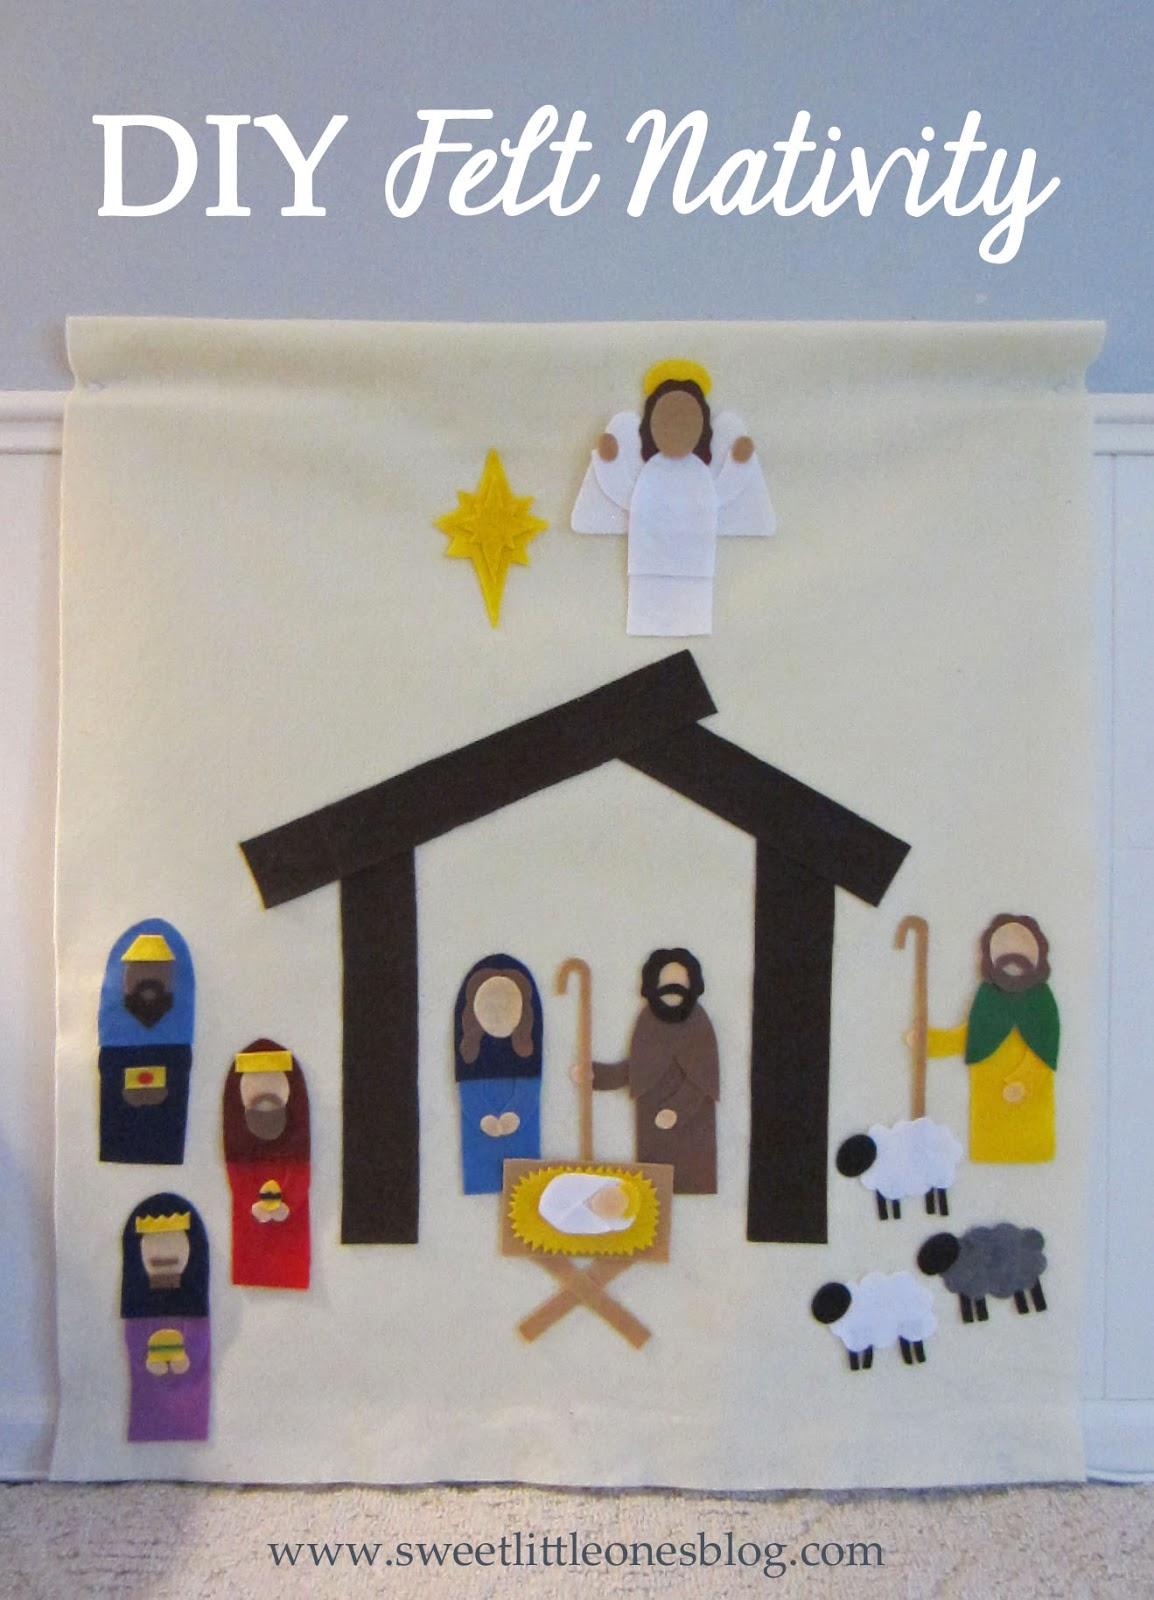 DIY Felt Nativity Scene for Kids - http://www.sweetlittleonesblog.com